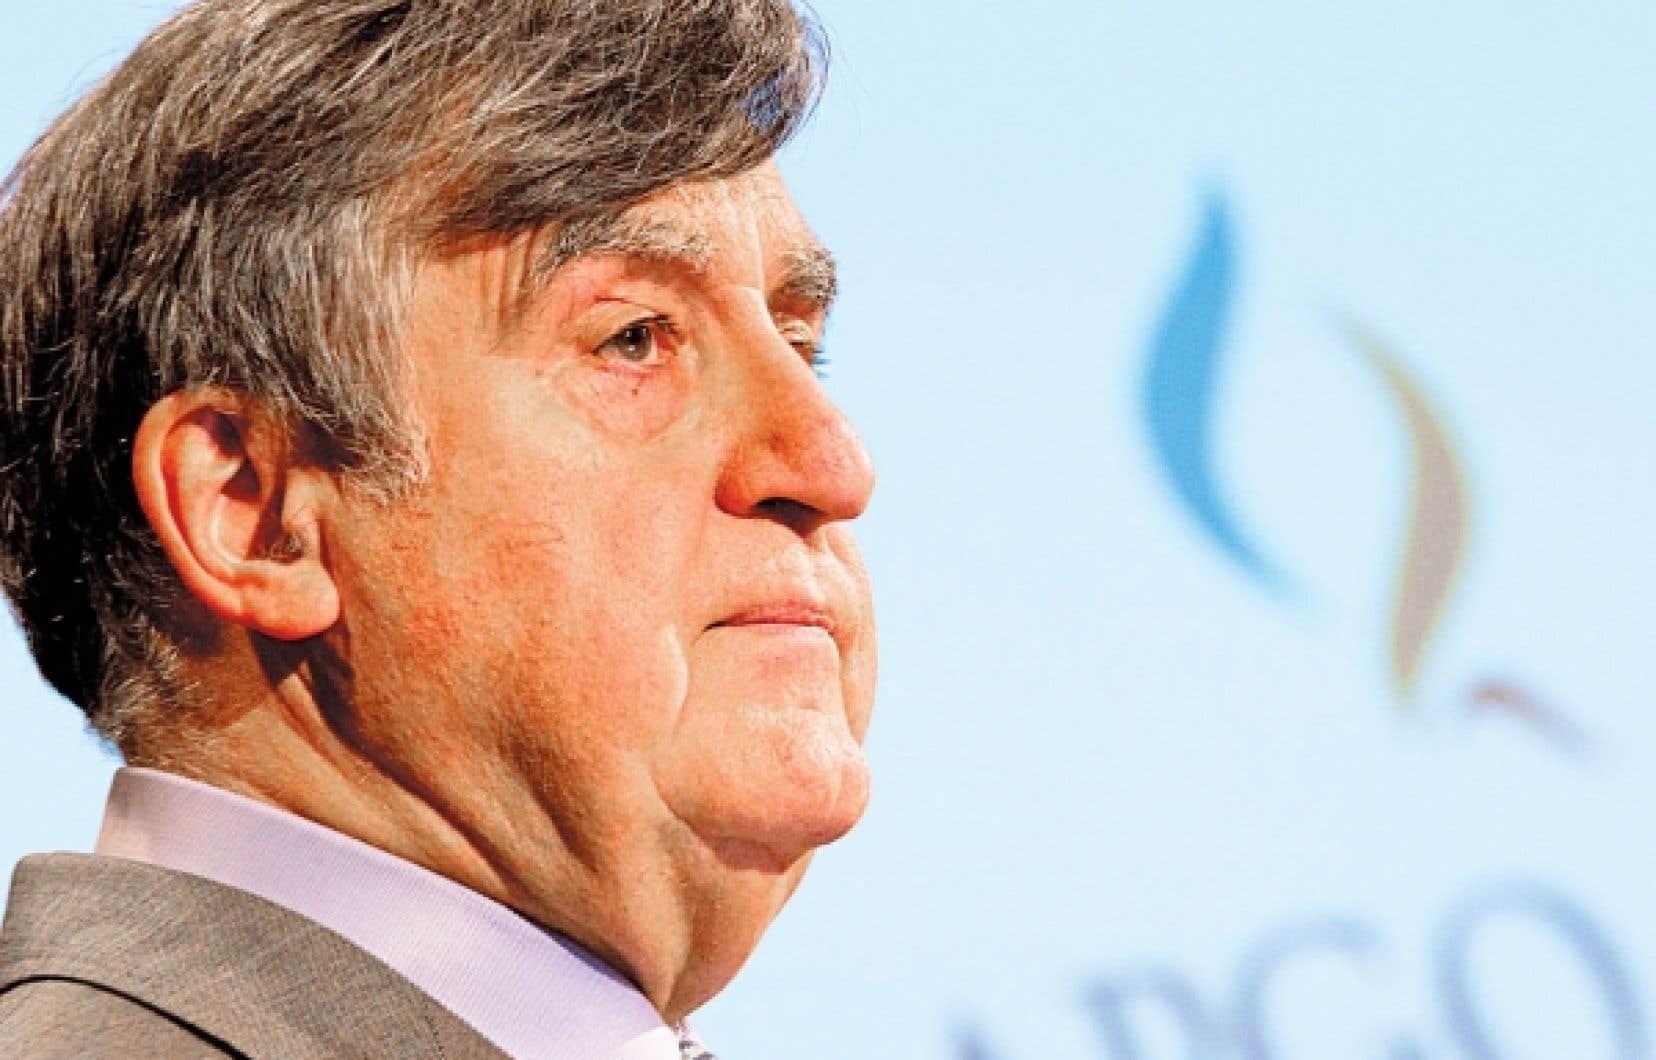 Le président de l'Association pétrolière et gazière du Québec, Lucien Bouchard, juge sévèrement ceux qui refusent de laisser se développer les filières énergétiques dont il est le défenseur.